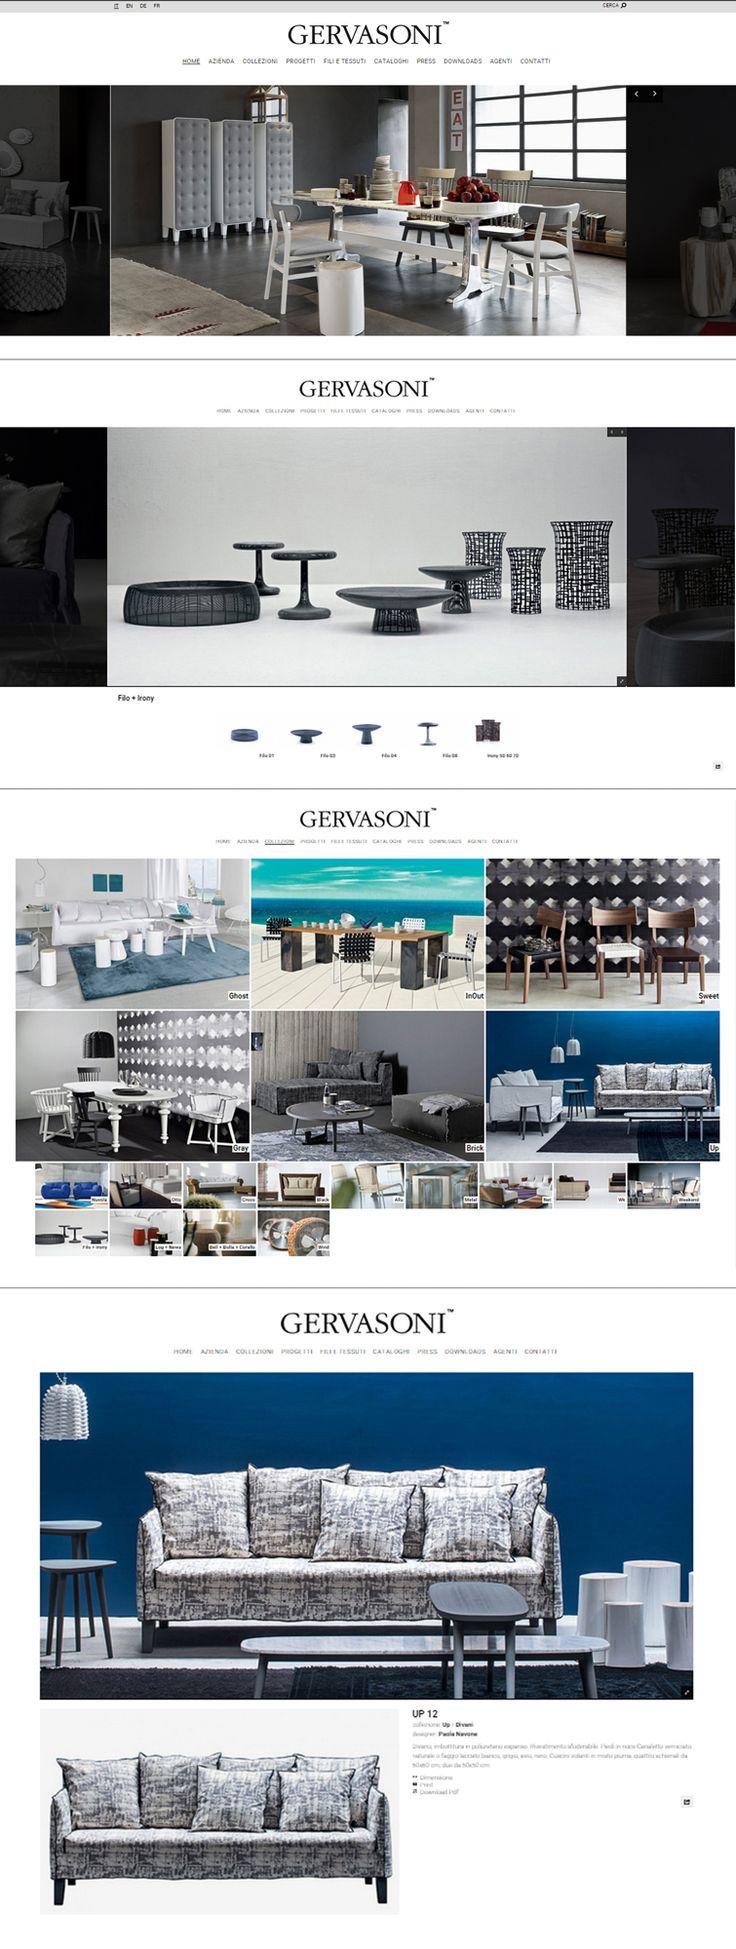 #Gervasoni è una delle più importanti #firme del #madeinitaly con sede in #FriuliVeneziaGiulia ma con #puntivendita in tutto il mondo. Le #collezioni di #arredi #moderni e dal #design raffinato sono disegnate tra gli altri da #PaolaNavone e sono presenti nelle dimore più sofisticate e nei progetti di #contract delle #location più prestigiose. www.gervasoni1882.com